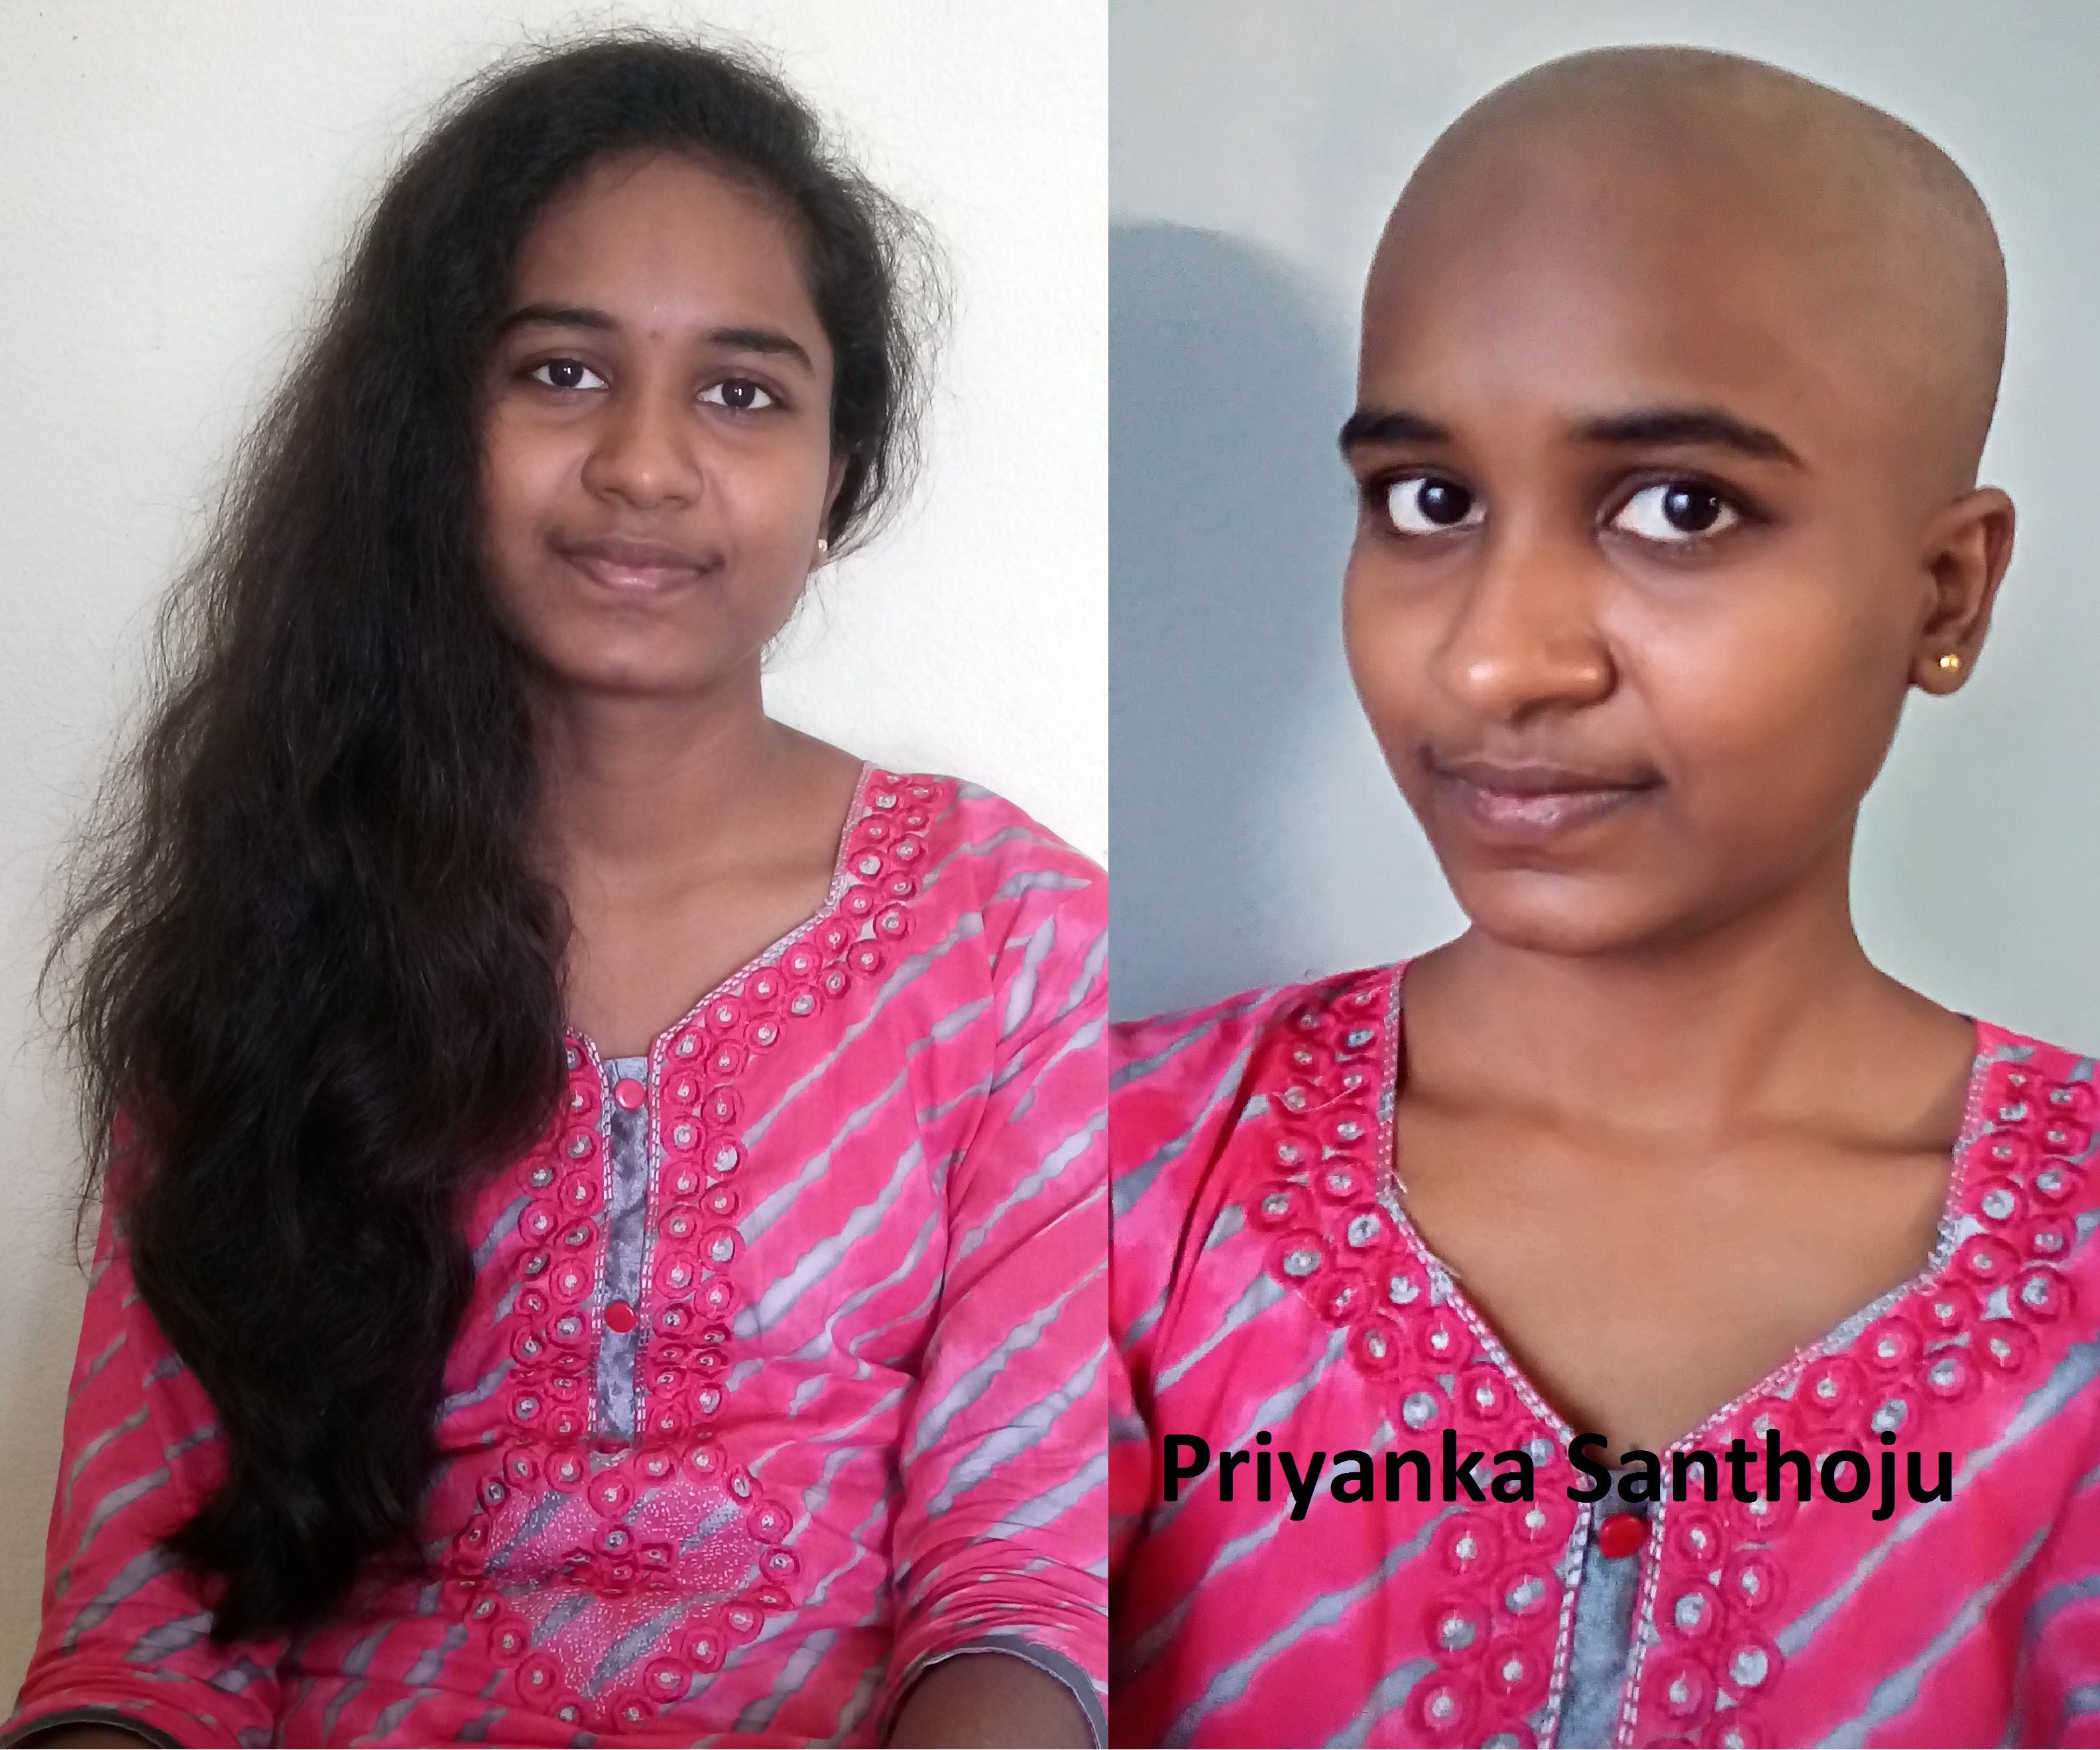 Priyanka Santhoju